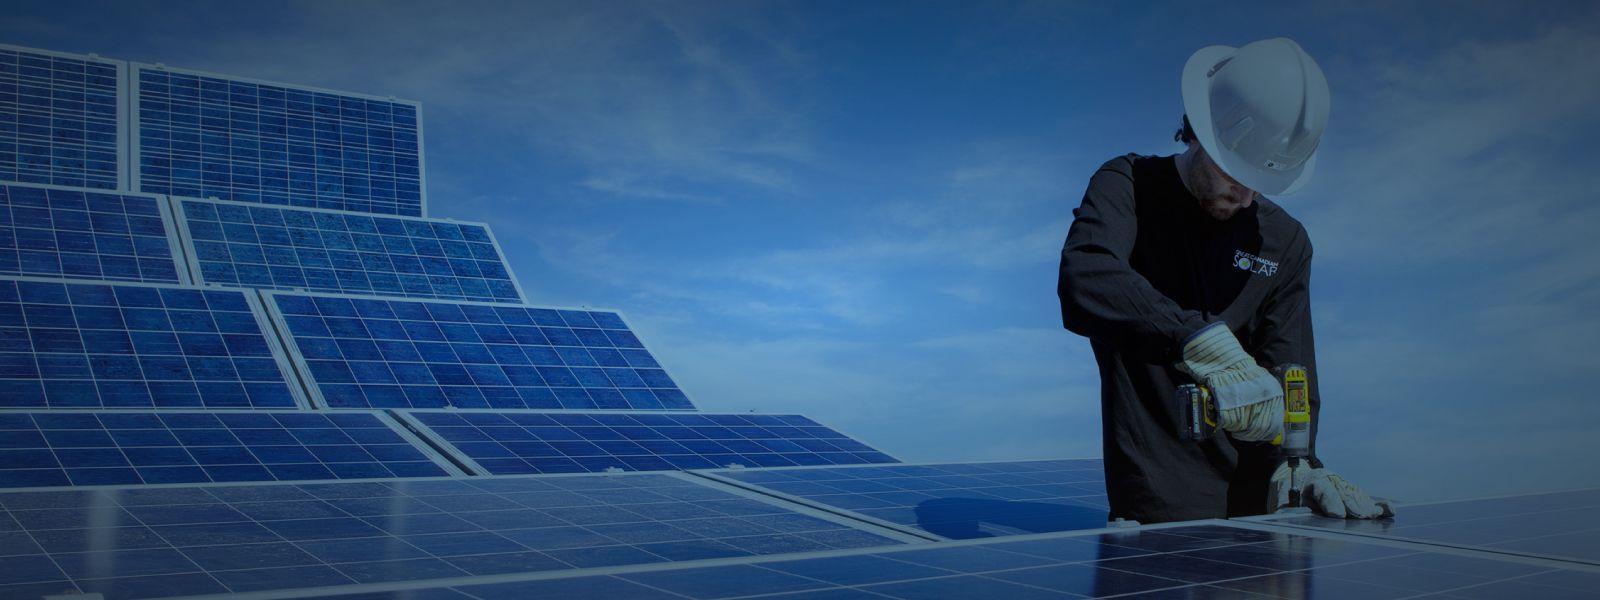 Curso De Energia Renovable Paneles Y Calentadores Solares Calentador Solar Energia Renovable Y Panel